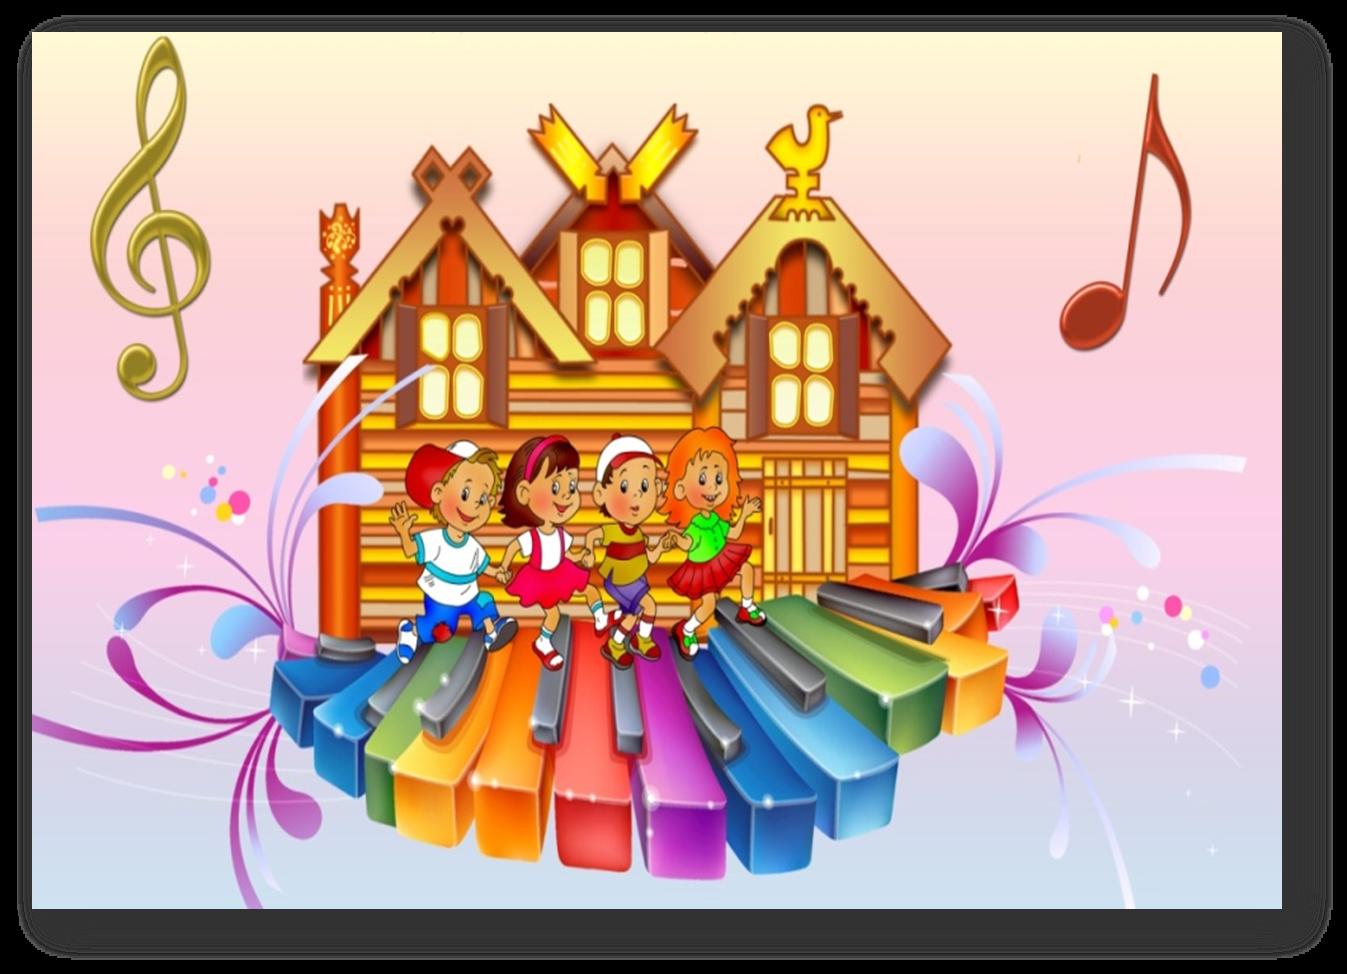 Картинки о детском музыкальном творчестве